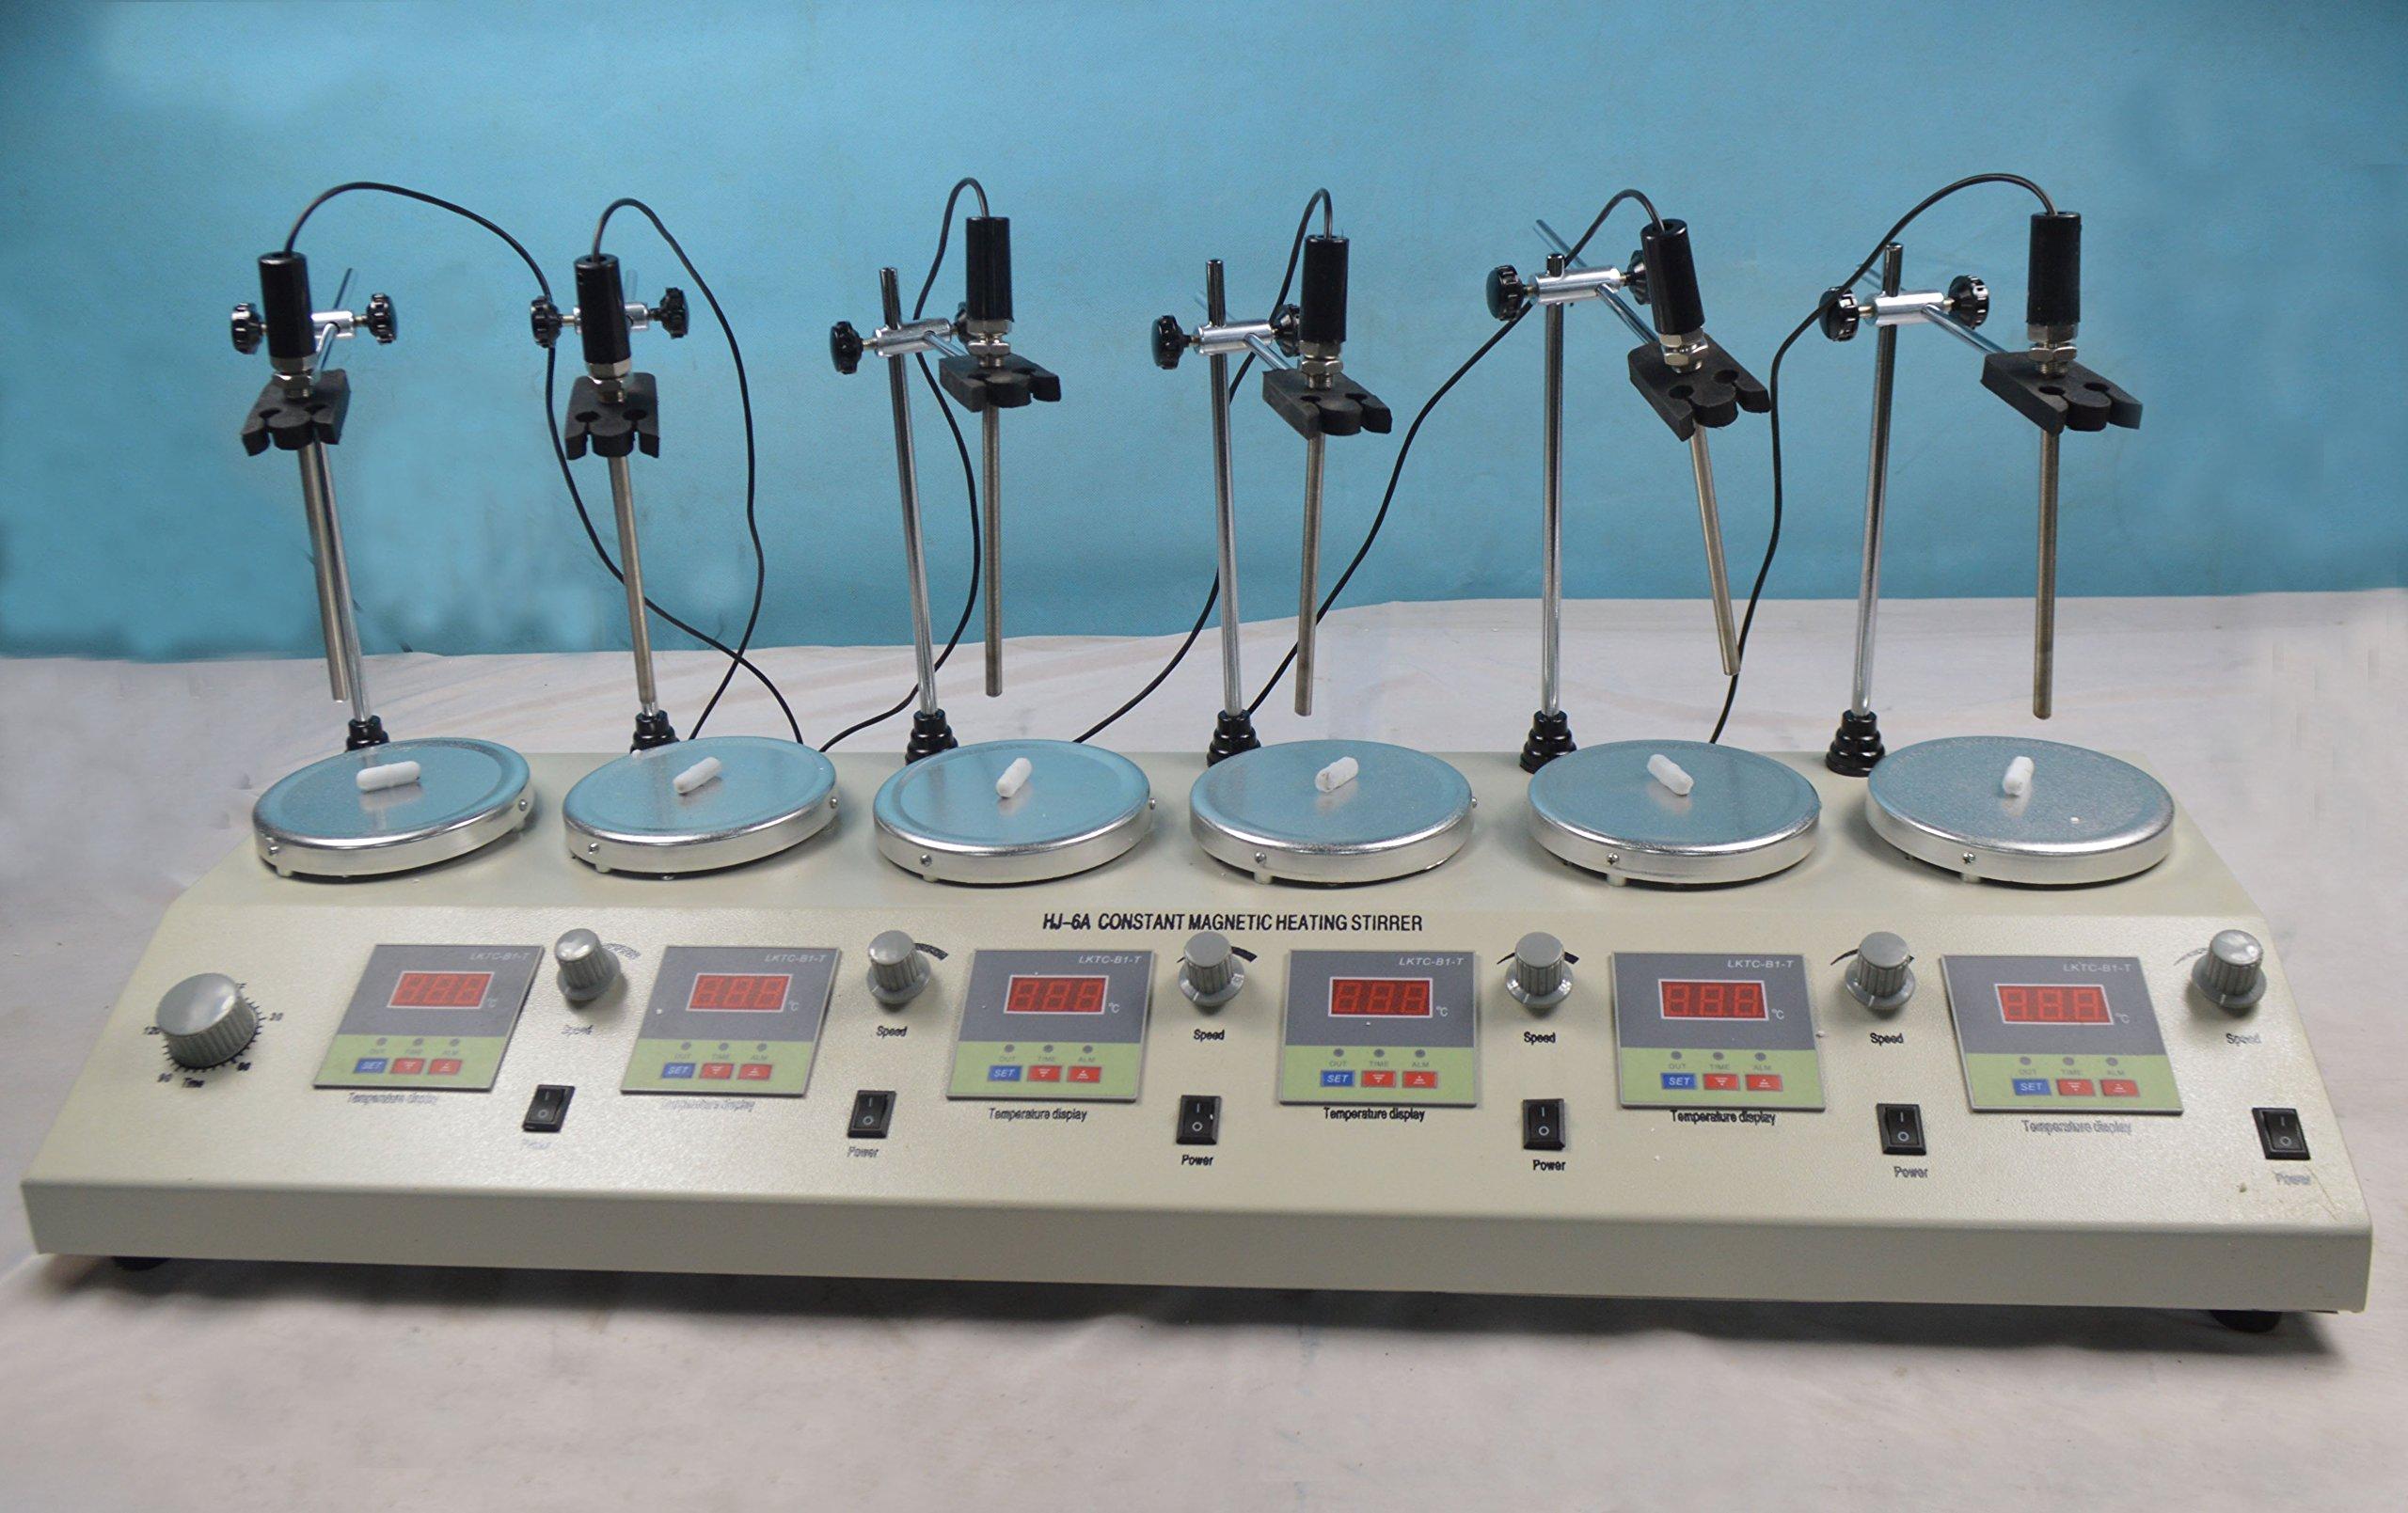 110 V 6 Heads Magnetism Stirrer Heating Mixer Hot Plate Magnetic Stirrer Machine (Item # 210070)